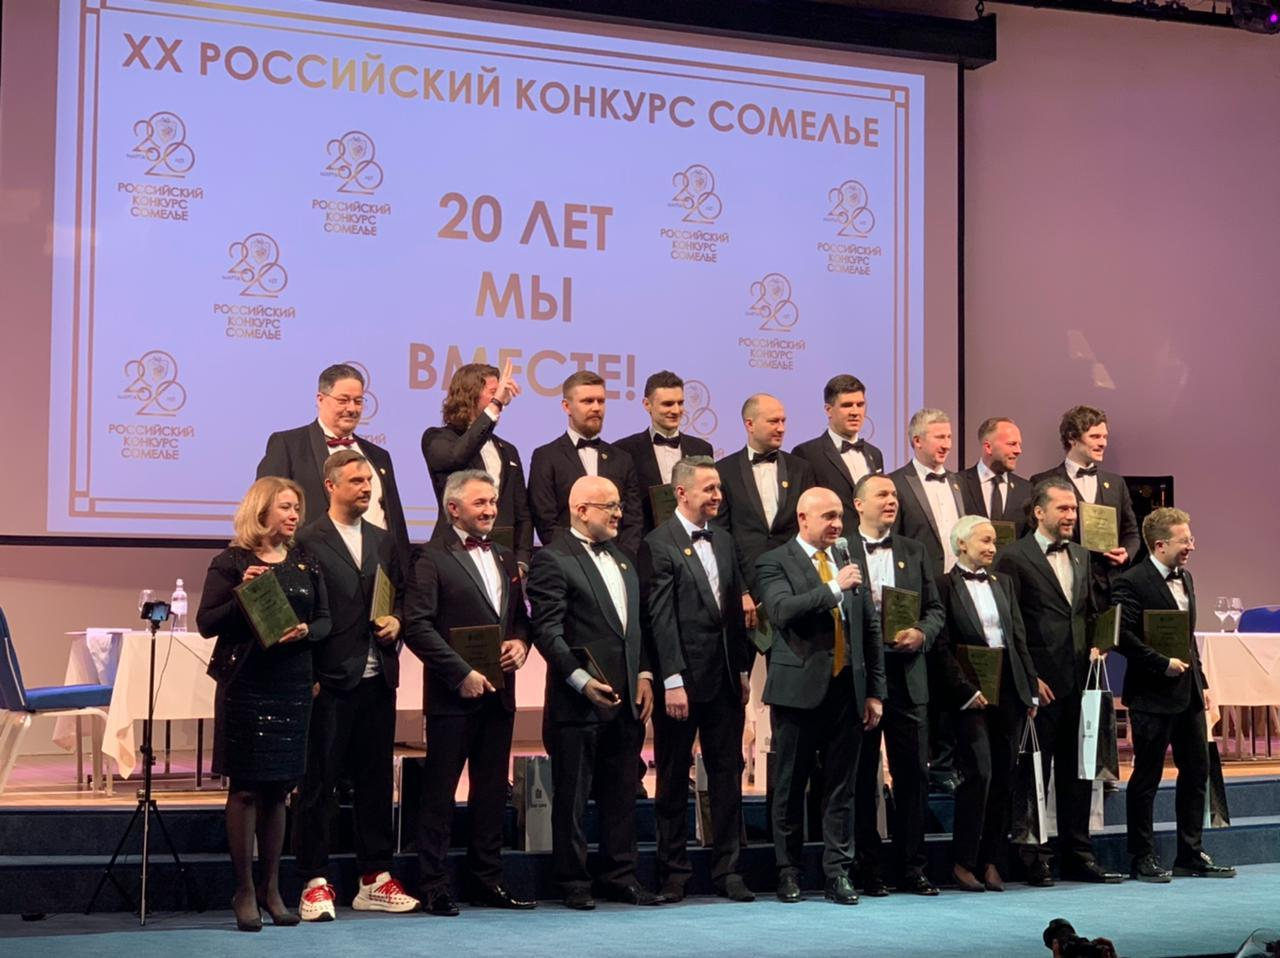 Российский Конкурс Сомелье 2021